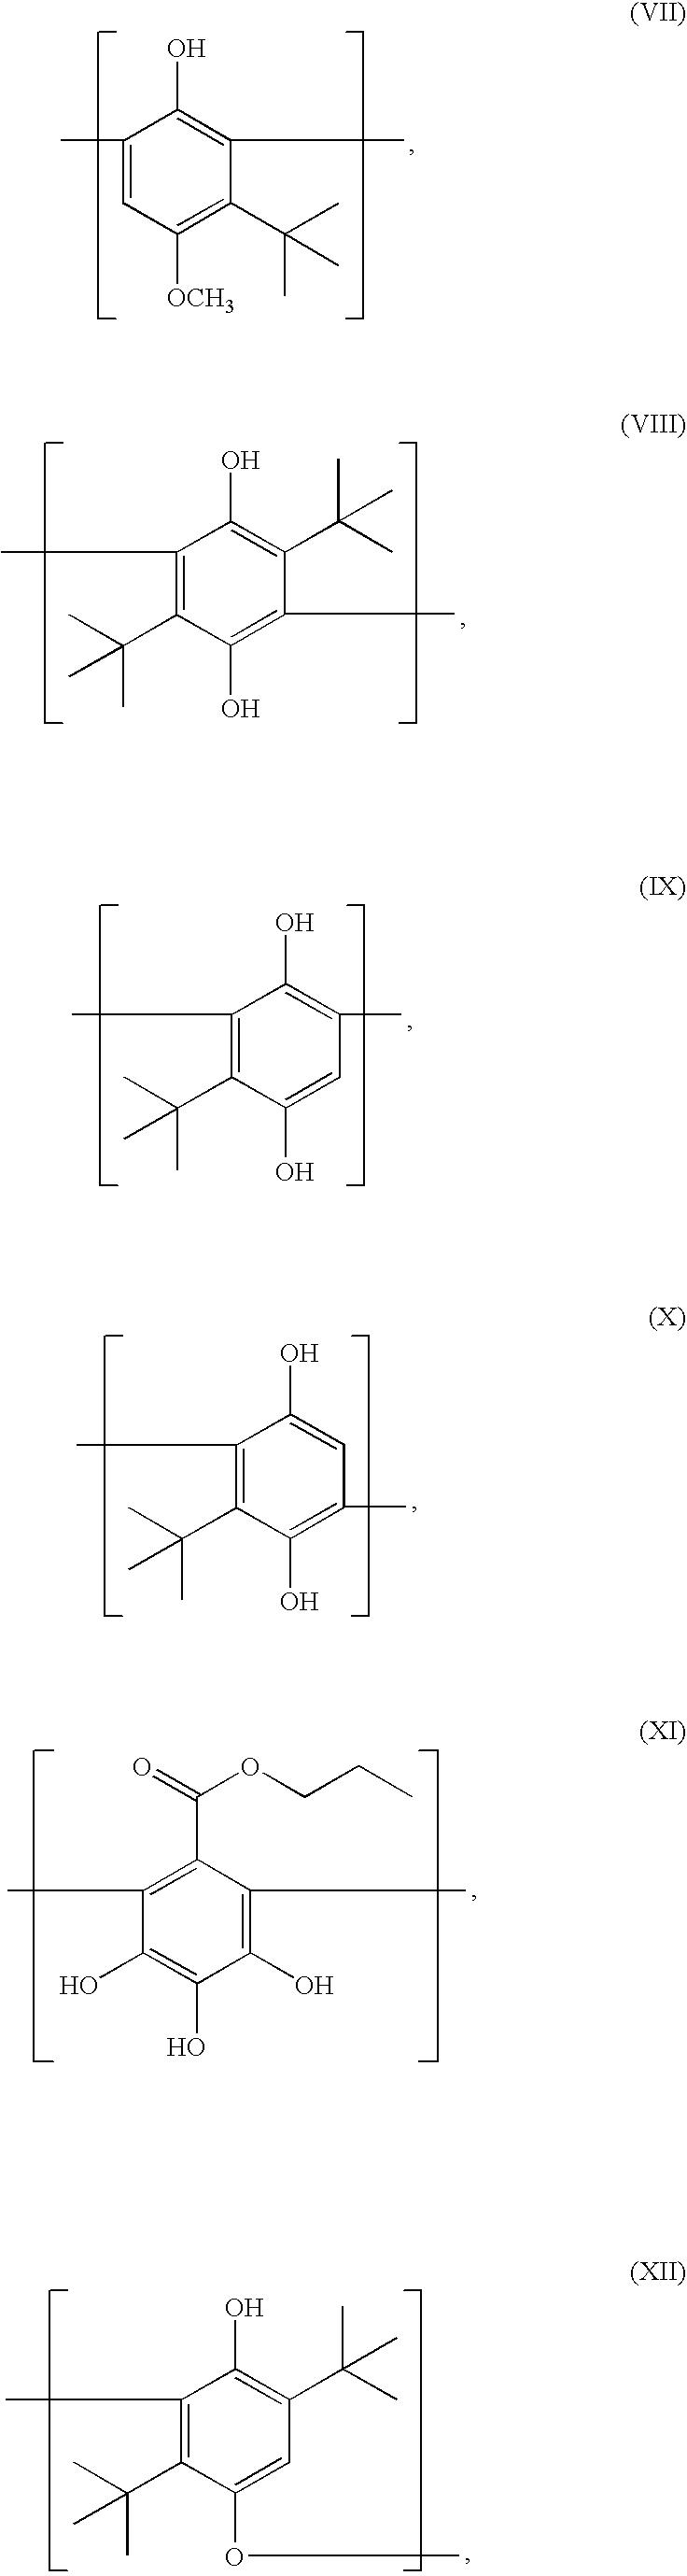 Figure US20030230743A1-20031218-C00030